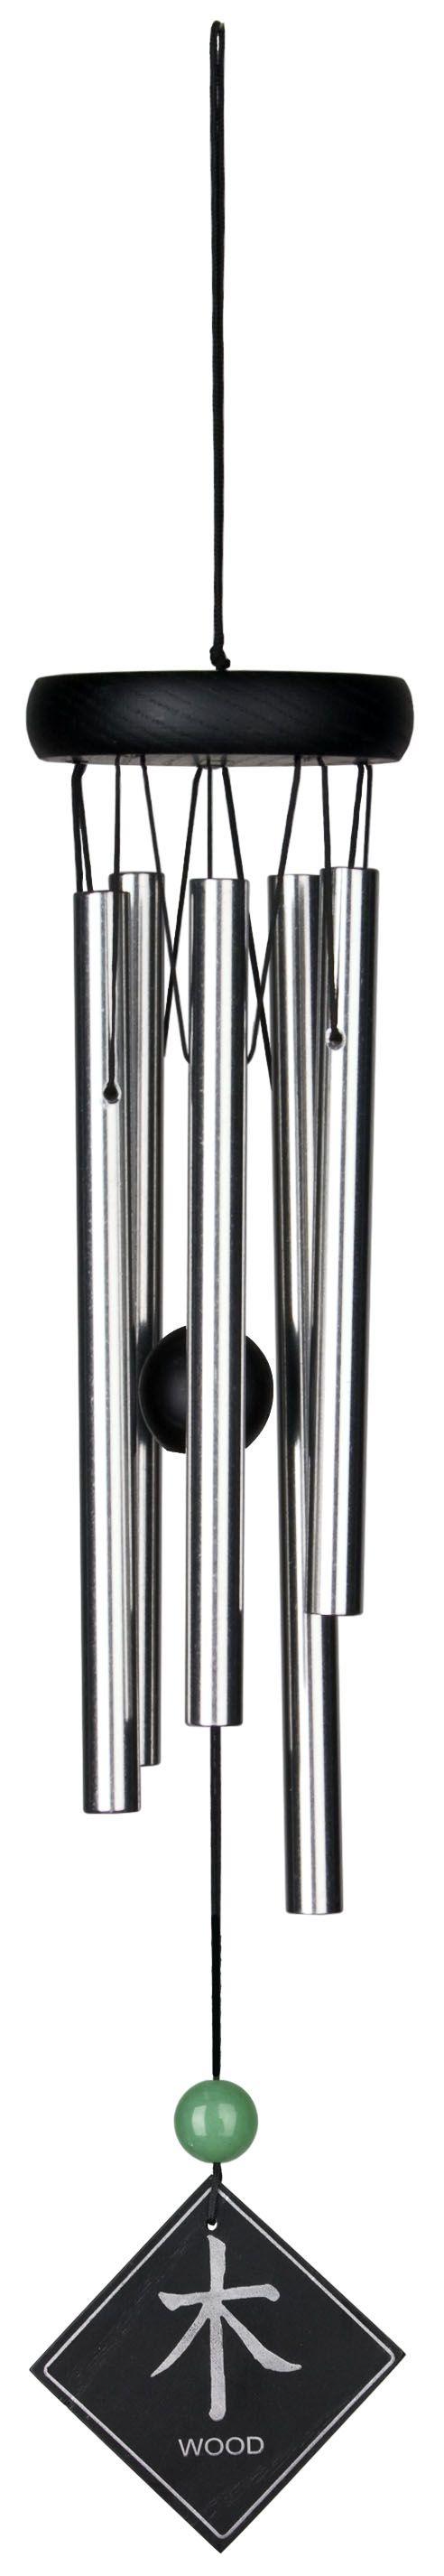 carillon feng shui bois. Black Bedroom Furniture Sets. Home Design Ideas